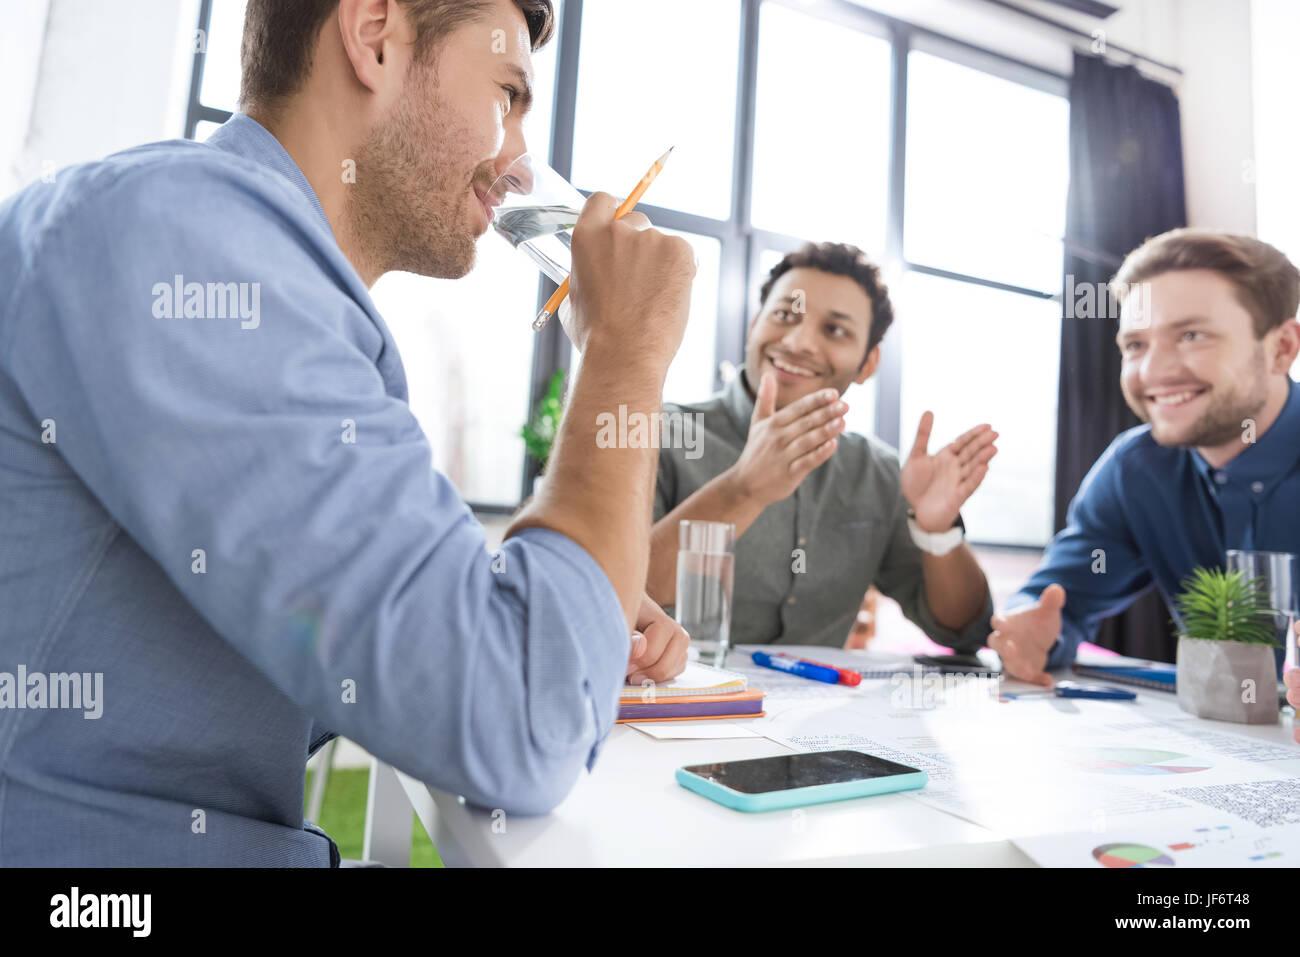 Lächelnde junge Geschäftsleute Trinkwasser und diskutieren neue Projekt, Teamarbeit Geschäftskonzept Stockbild